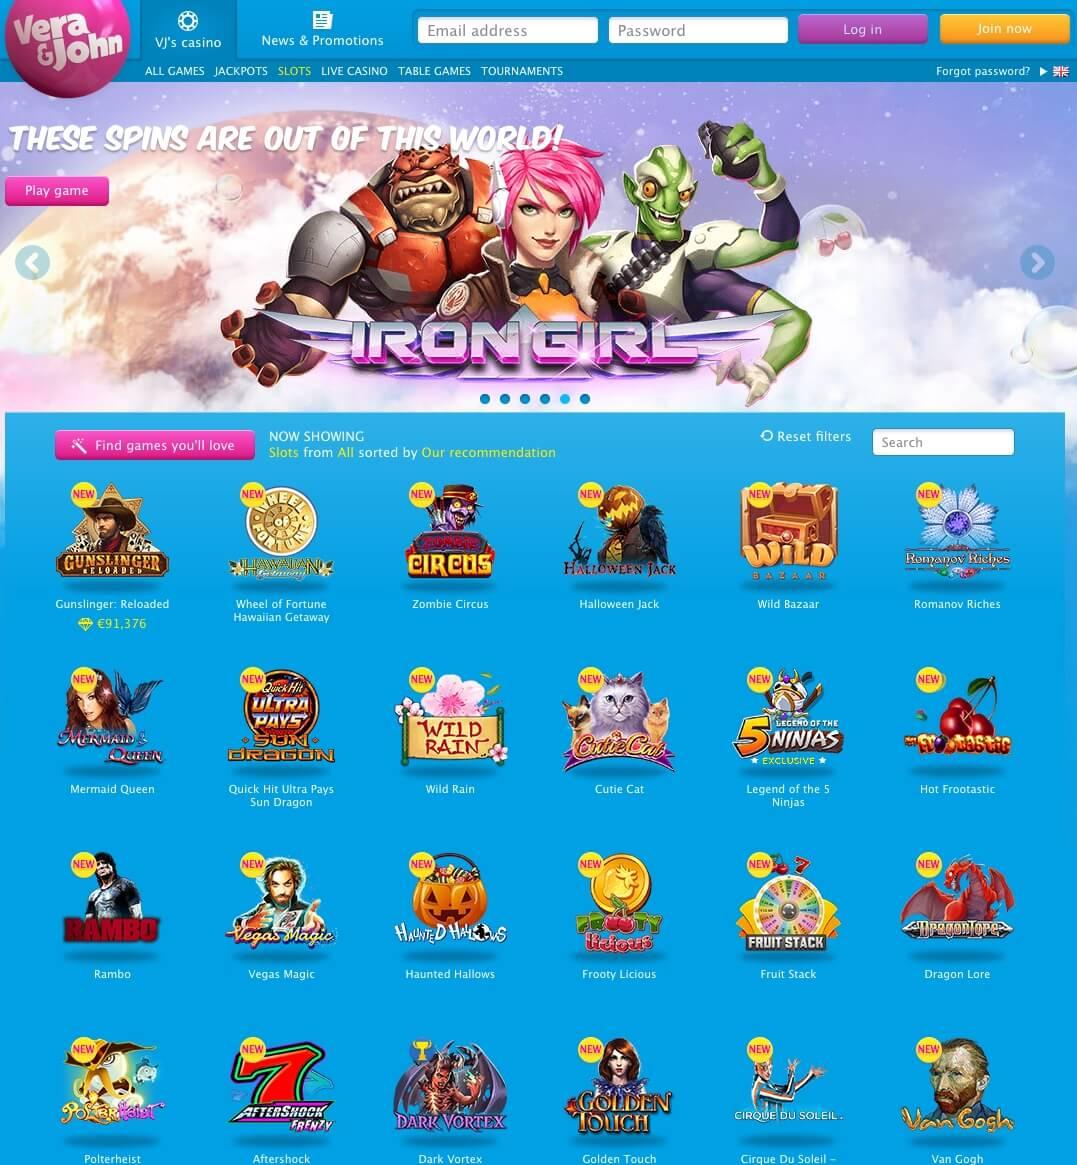 Verajohn mobile casino 42215